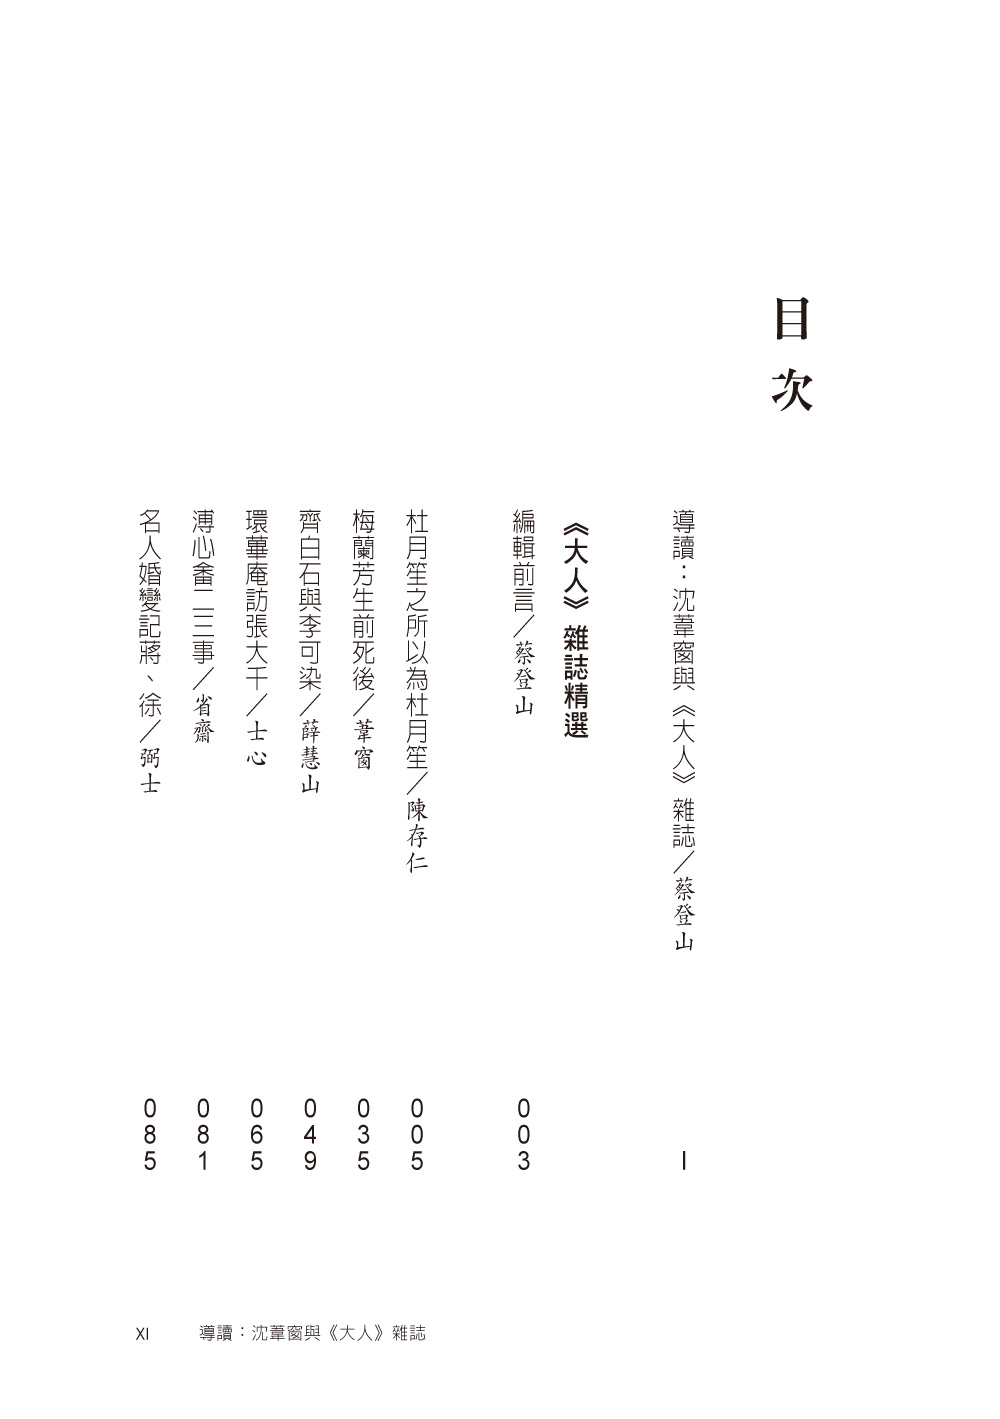 http://im2.book.com.tw/image/getImage?i=http://www.books.com.tw/img/001/076/39/0010763959_bi_01.jpg&v=59a7f362&w=655&h=609